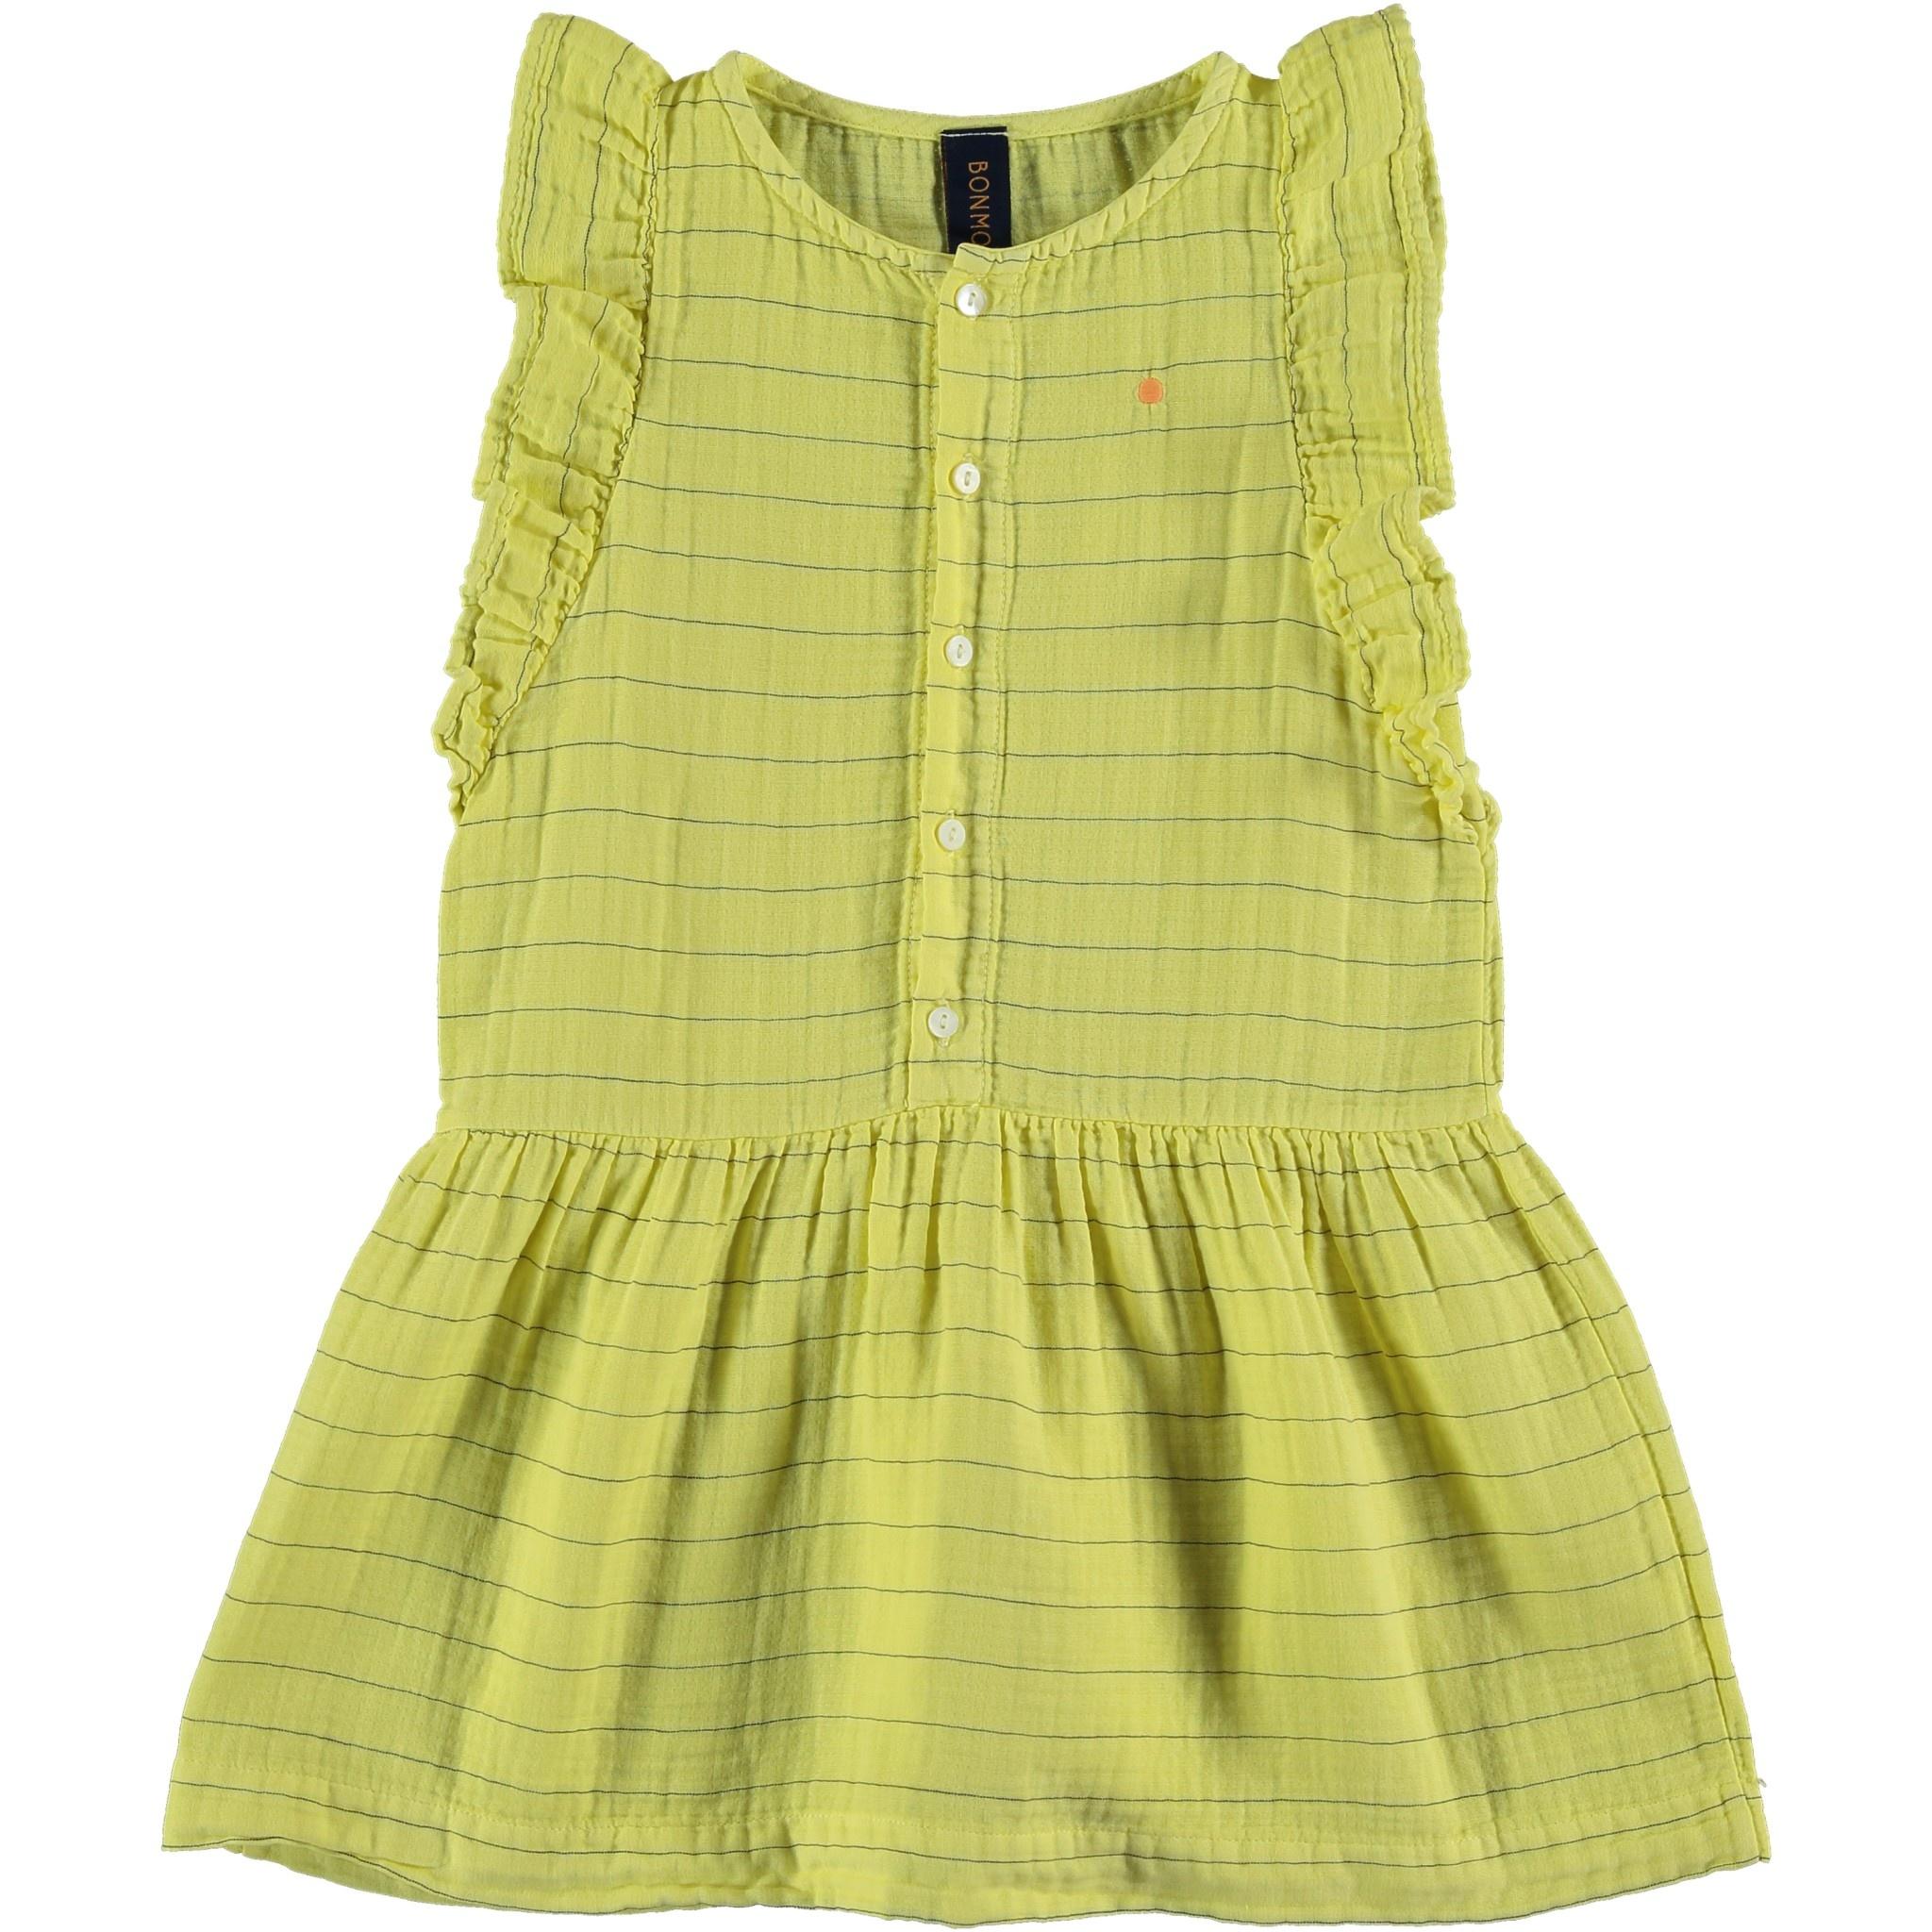 Dress frill stripes dot sunshine yellow kids-1